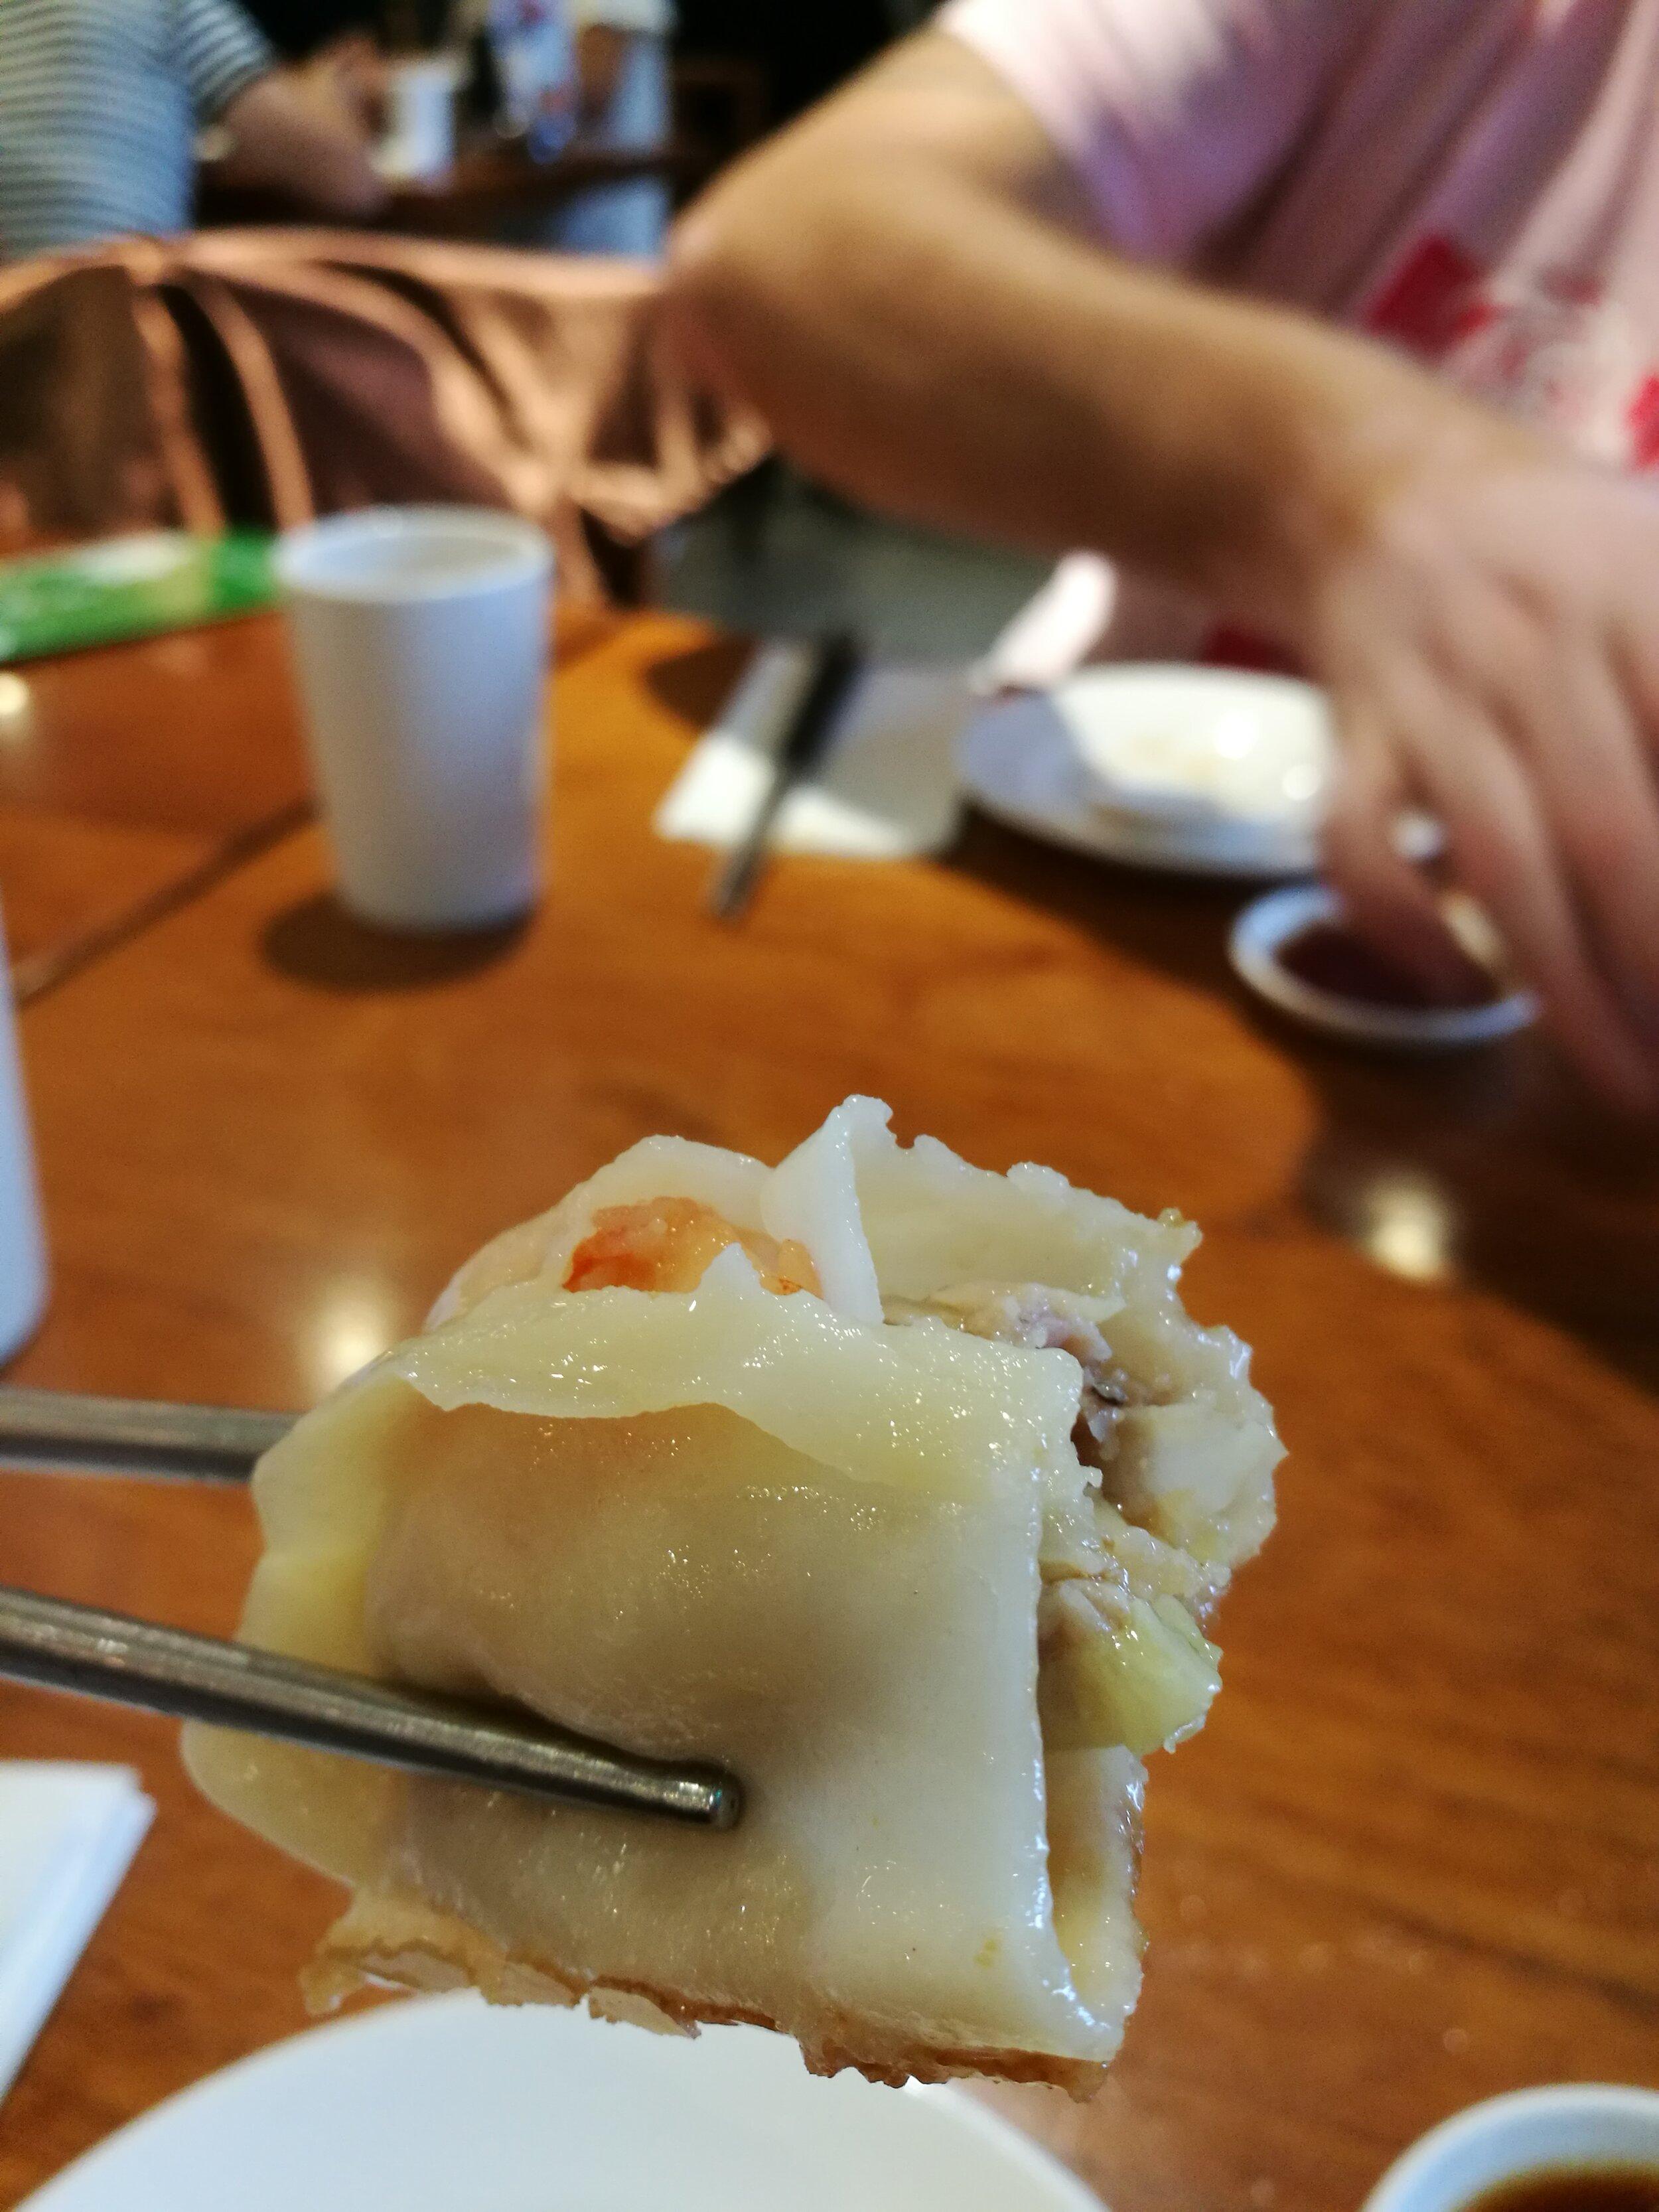 Dumpling up-close